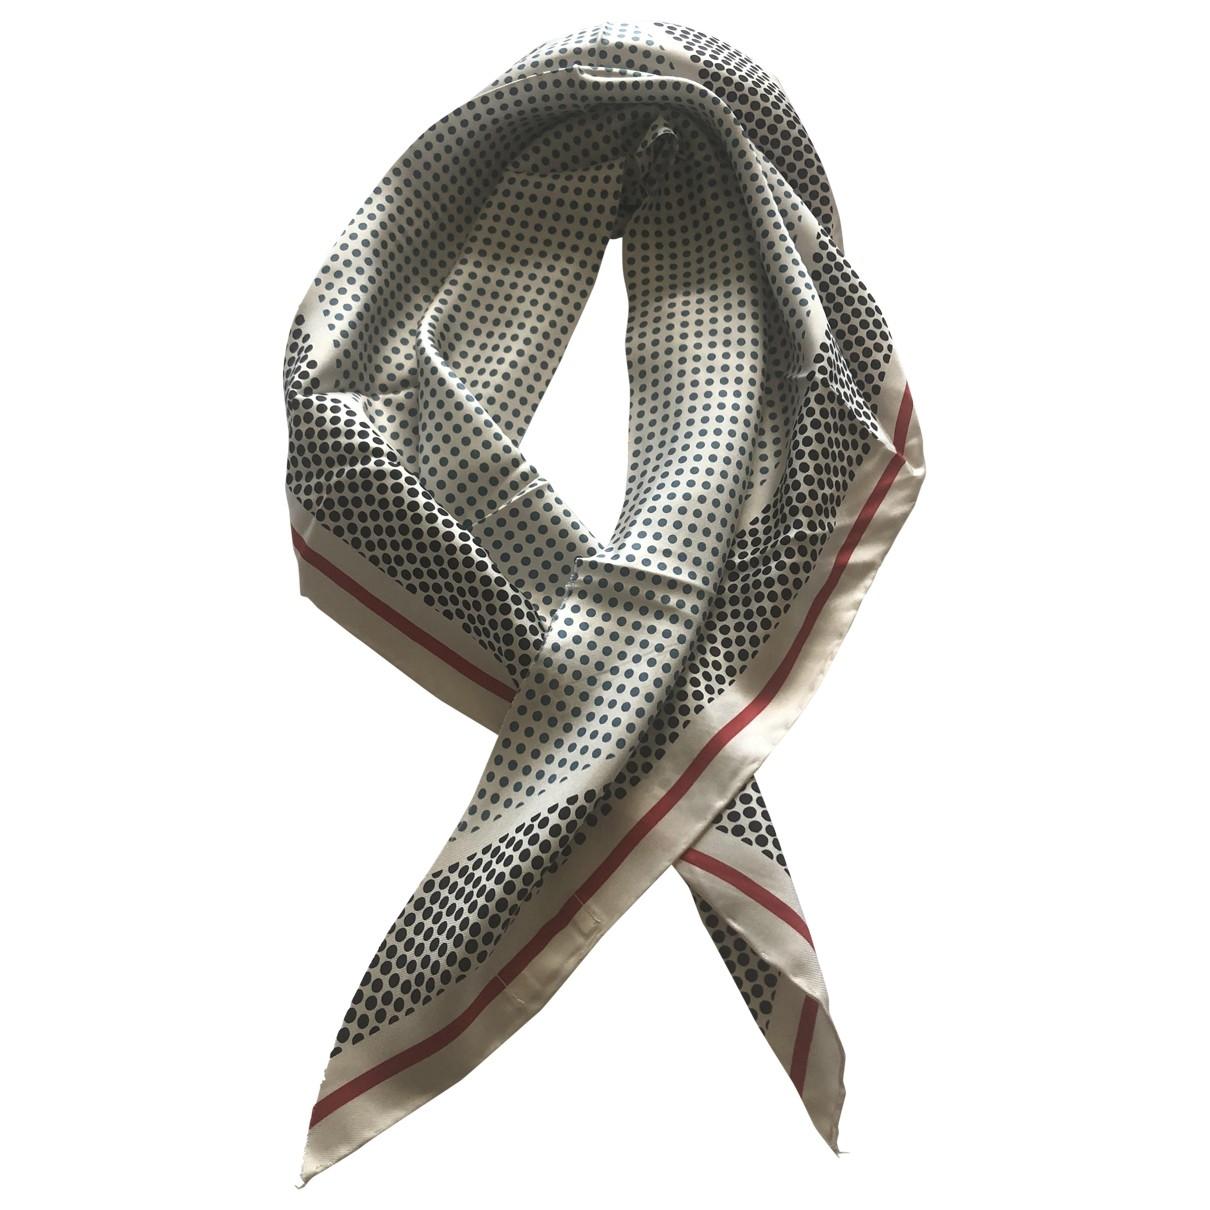 Marni For H&m \N Silk scarf & pocket squares for Men \N